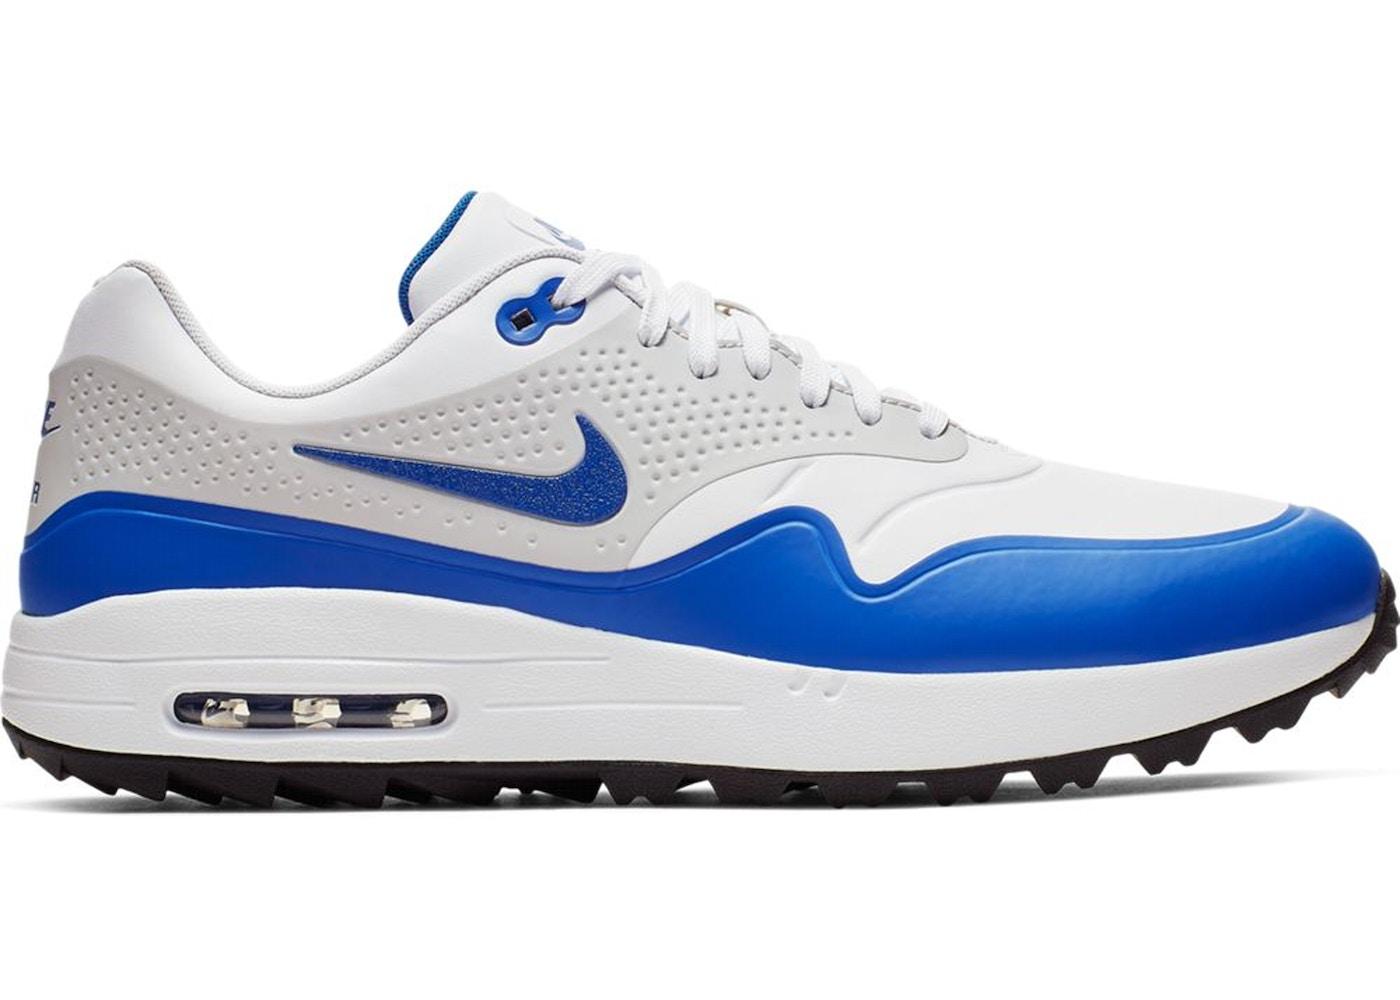 purchase cheap 9de73 48342 Air Max 1 Golf Game Royal